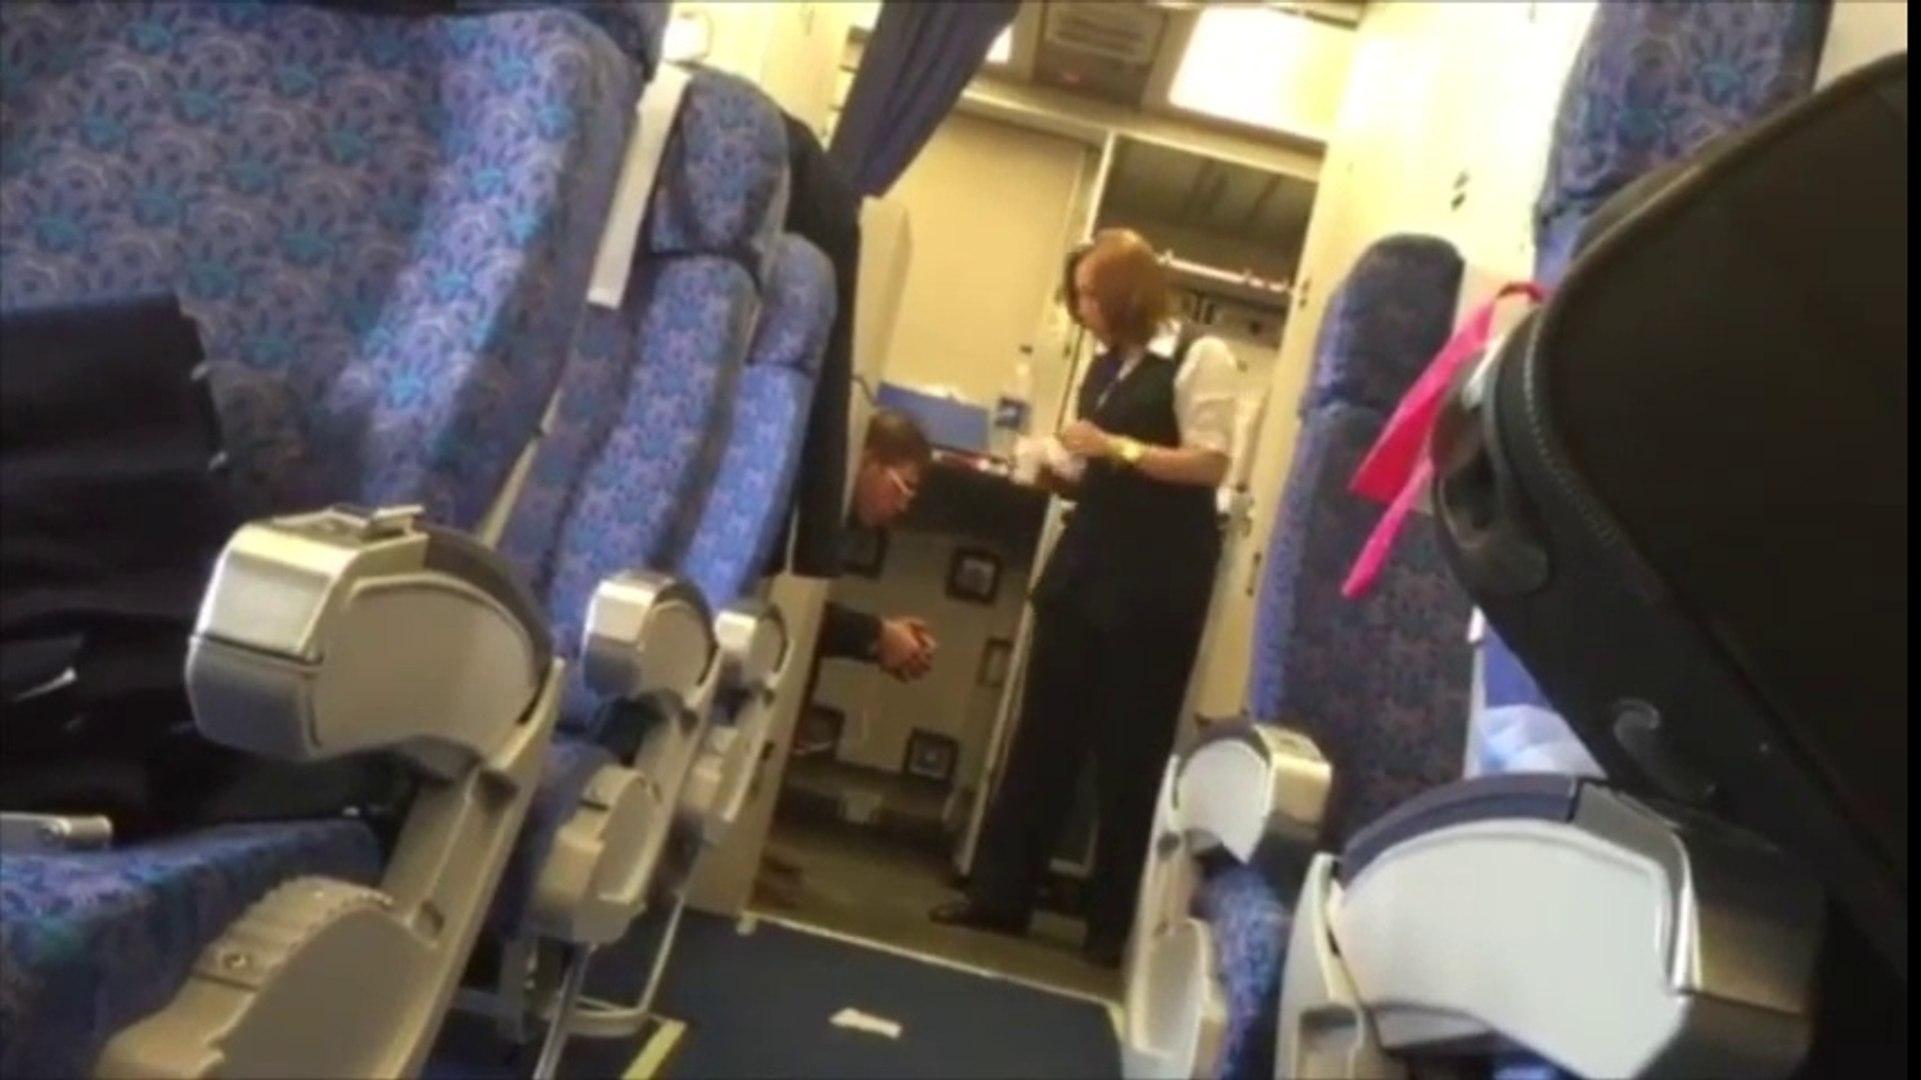 Egyptair: Secuestrador toma café con azafata mientras sujeta cables de su cinturón